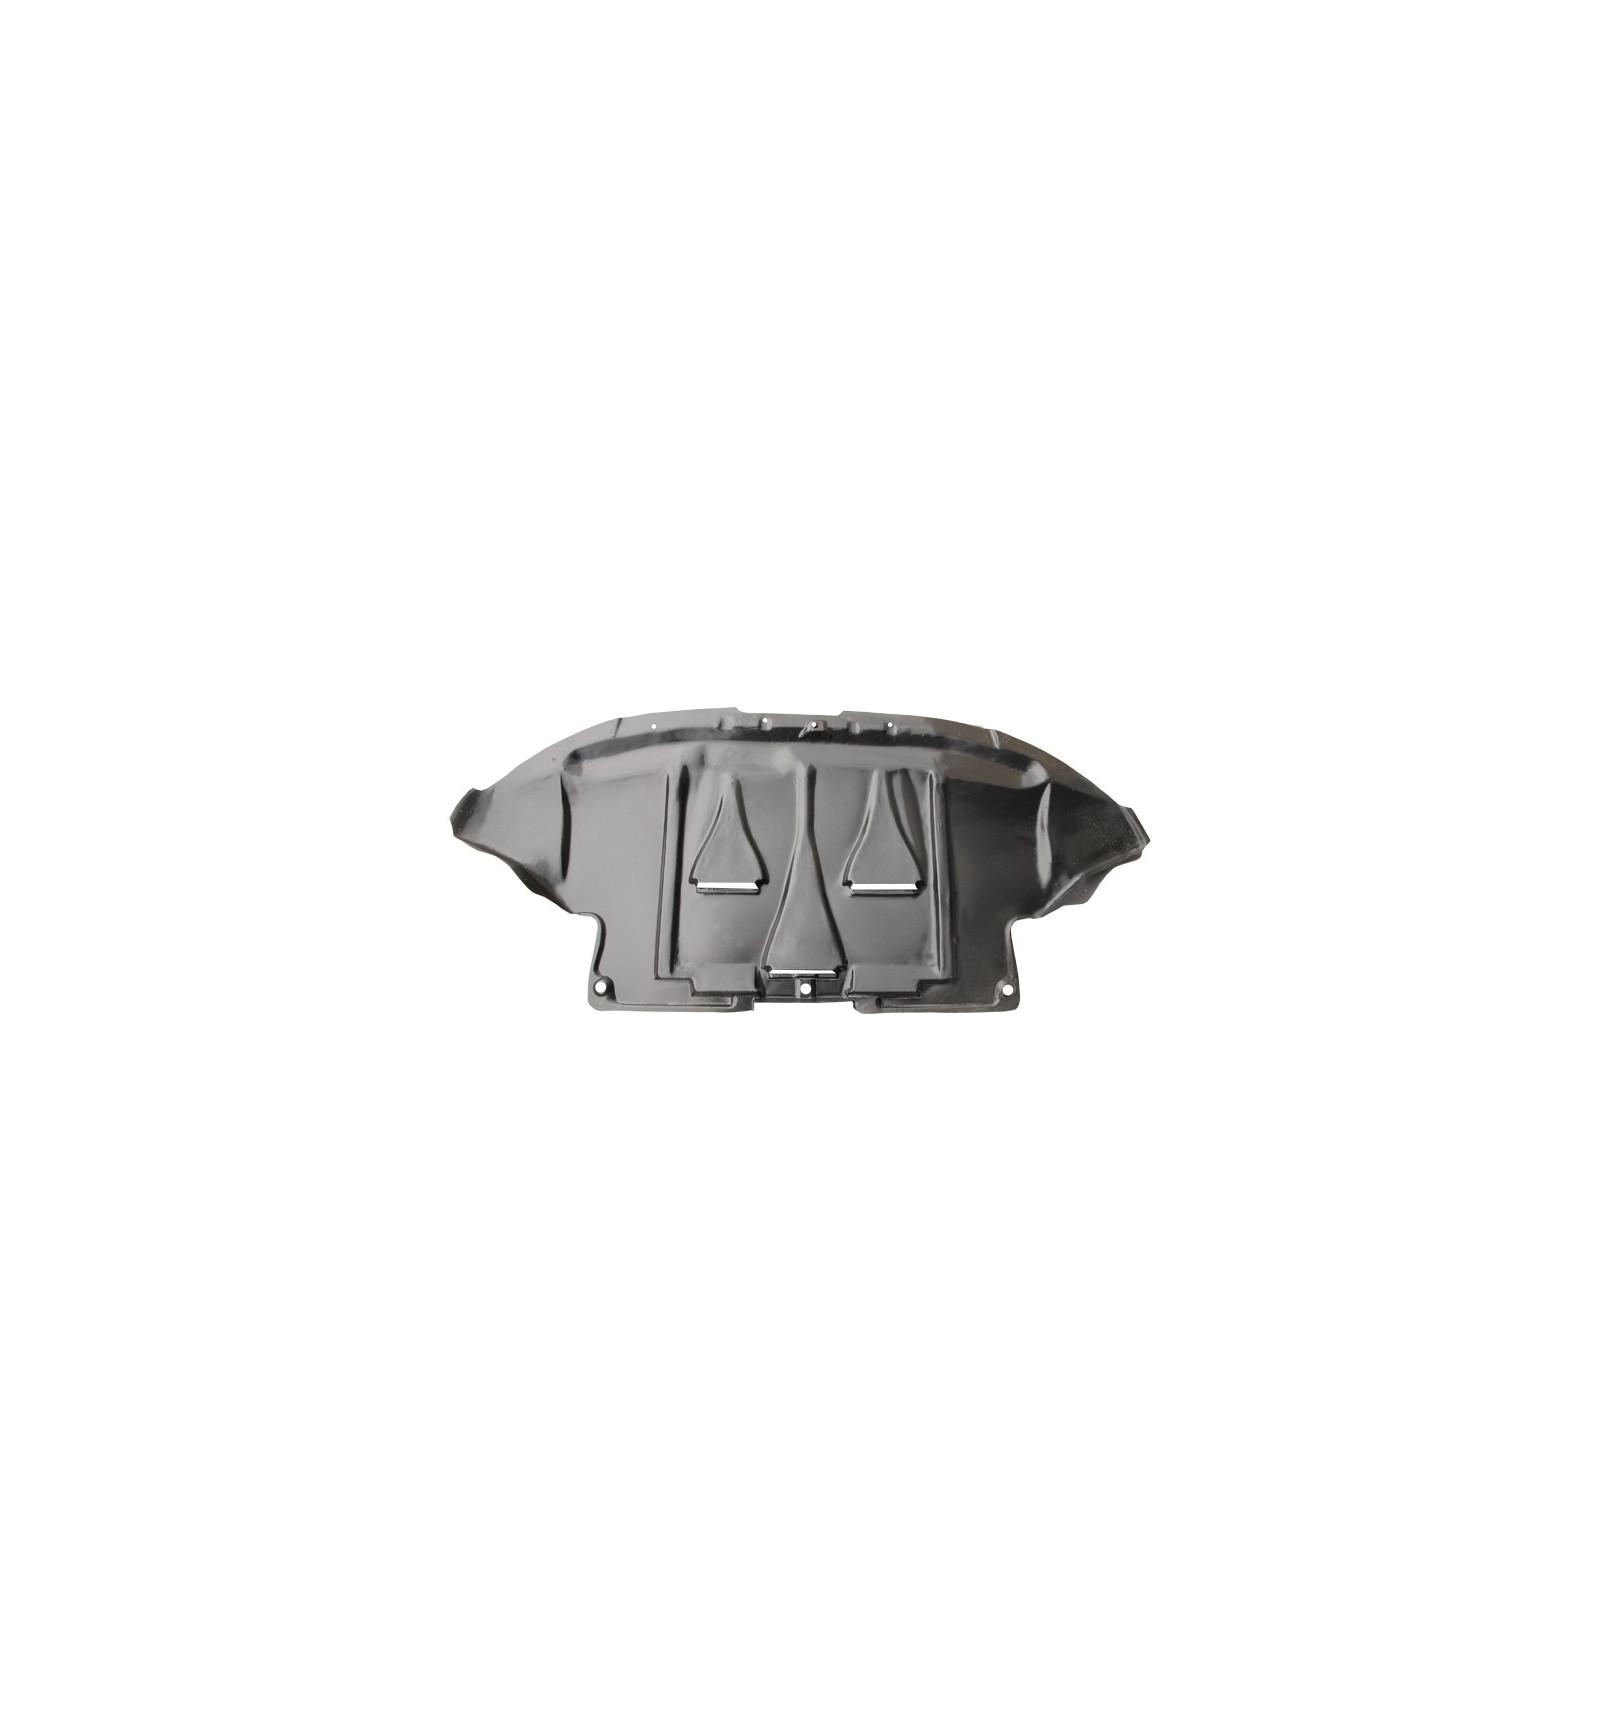 Cache De Protection Sous Moteur Avant Audi A4 Vw Passat